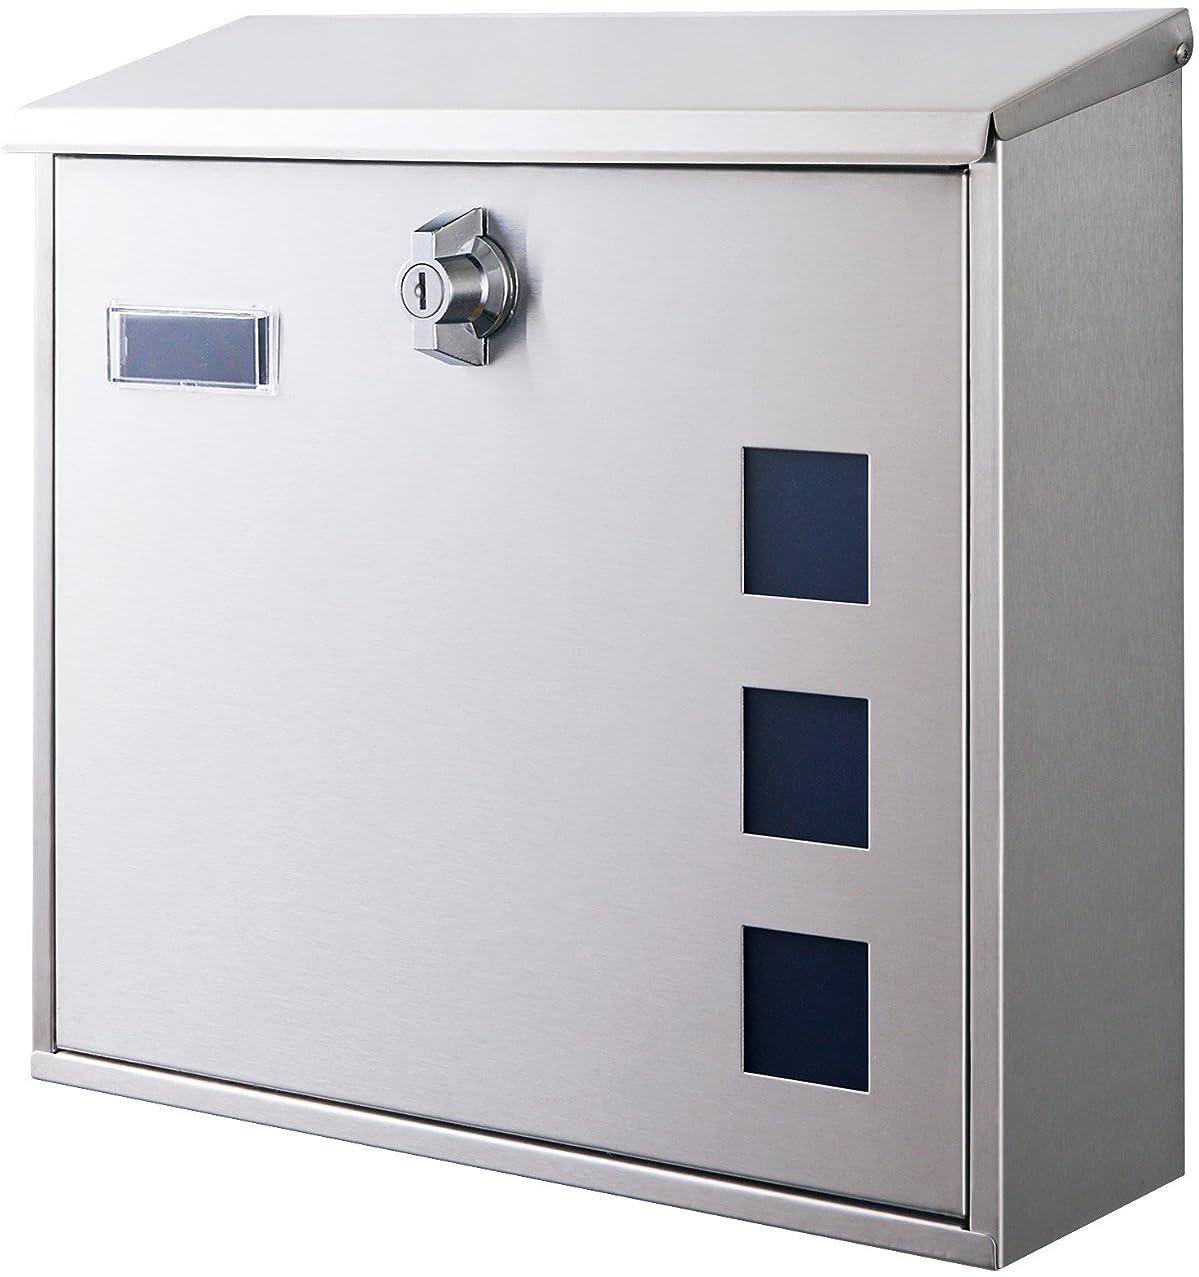 疫病柔らかさ口述するカバポスト 郵便ポスト 壁掛け ステンレス B 大型 鍵付き 簡易ロック可 ポスト郵便受け A4